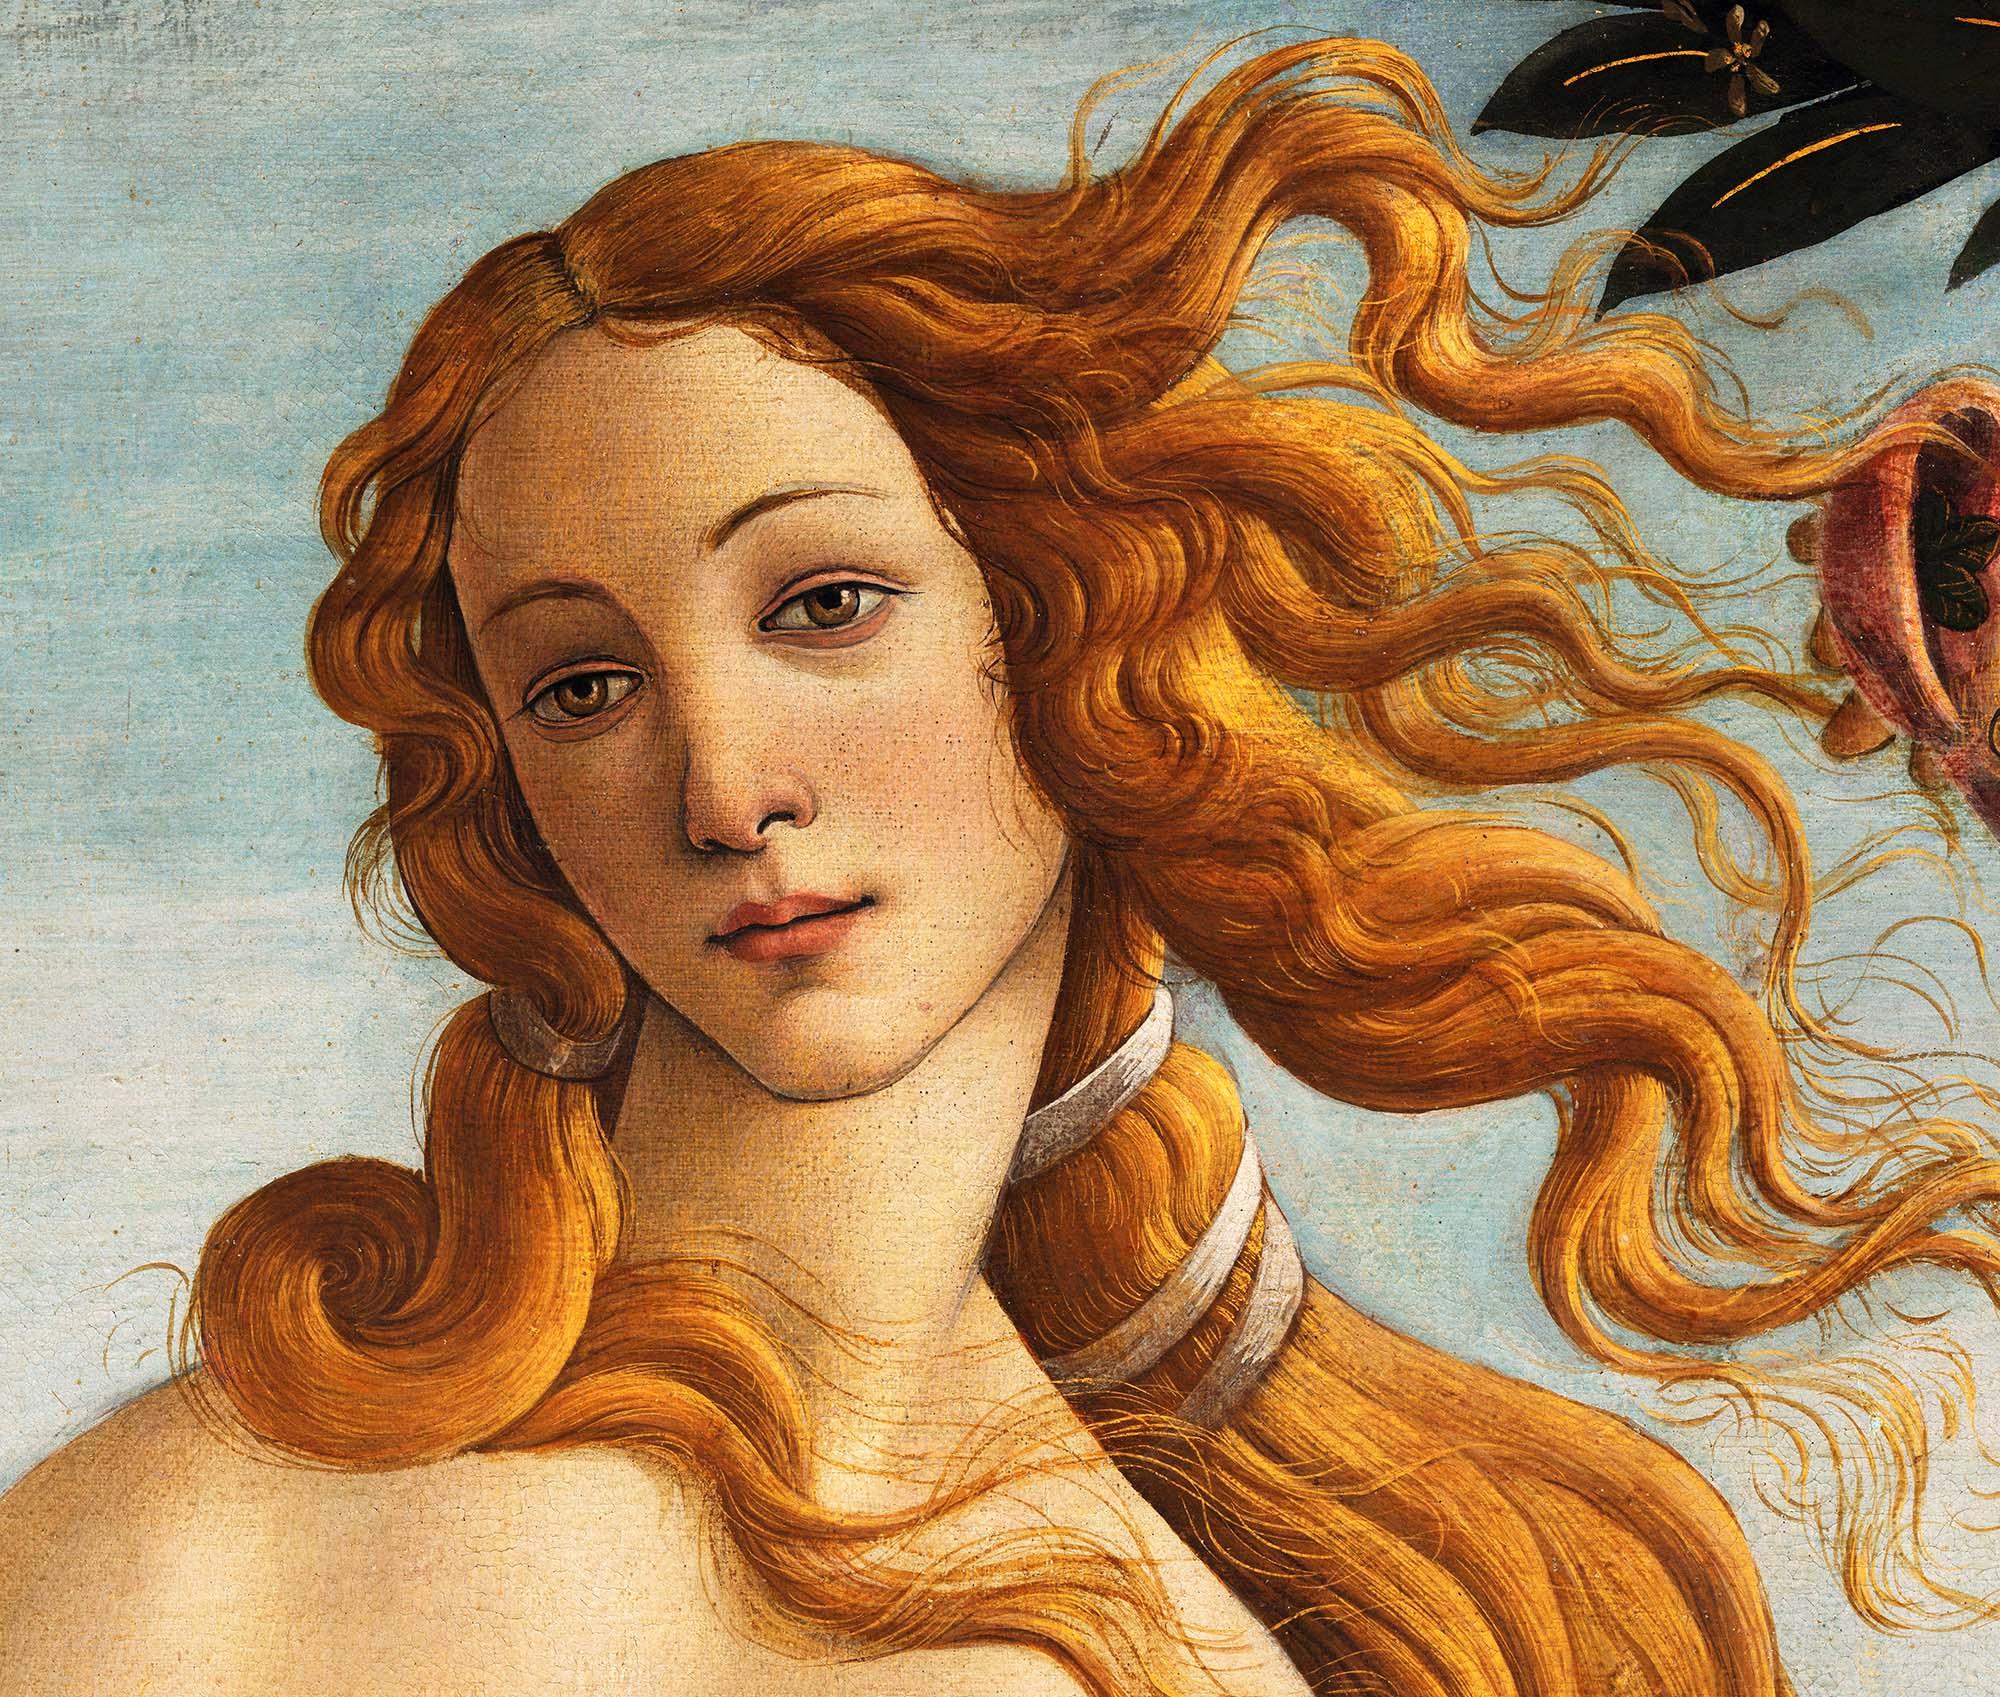 Sandro Botticelli, La nascita di Venere, 1483-85, dettaglio 7